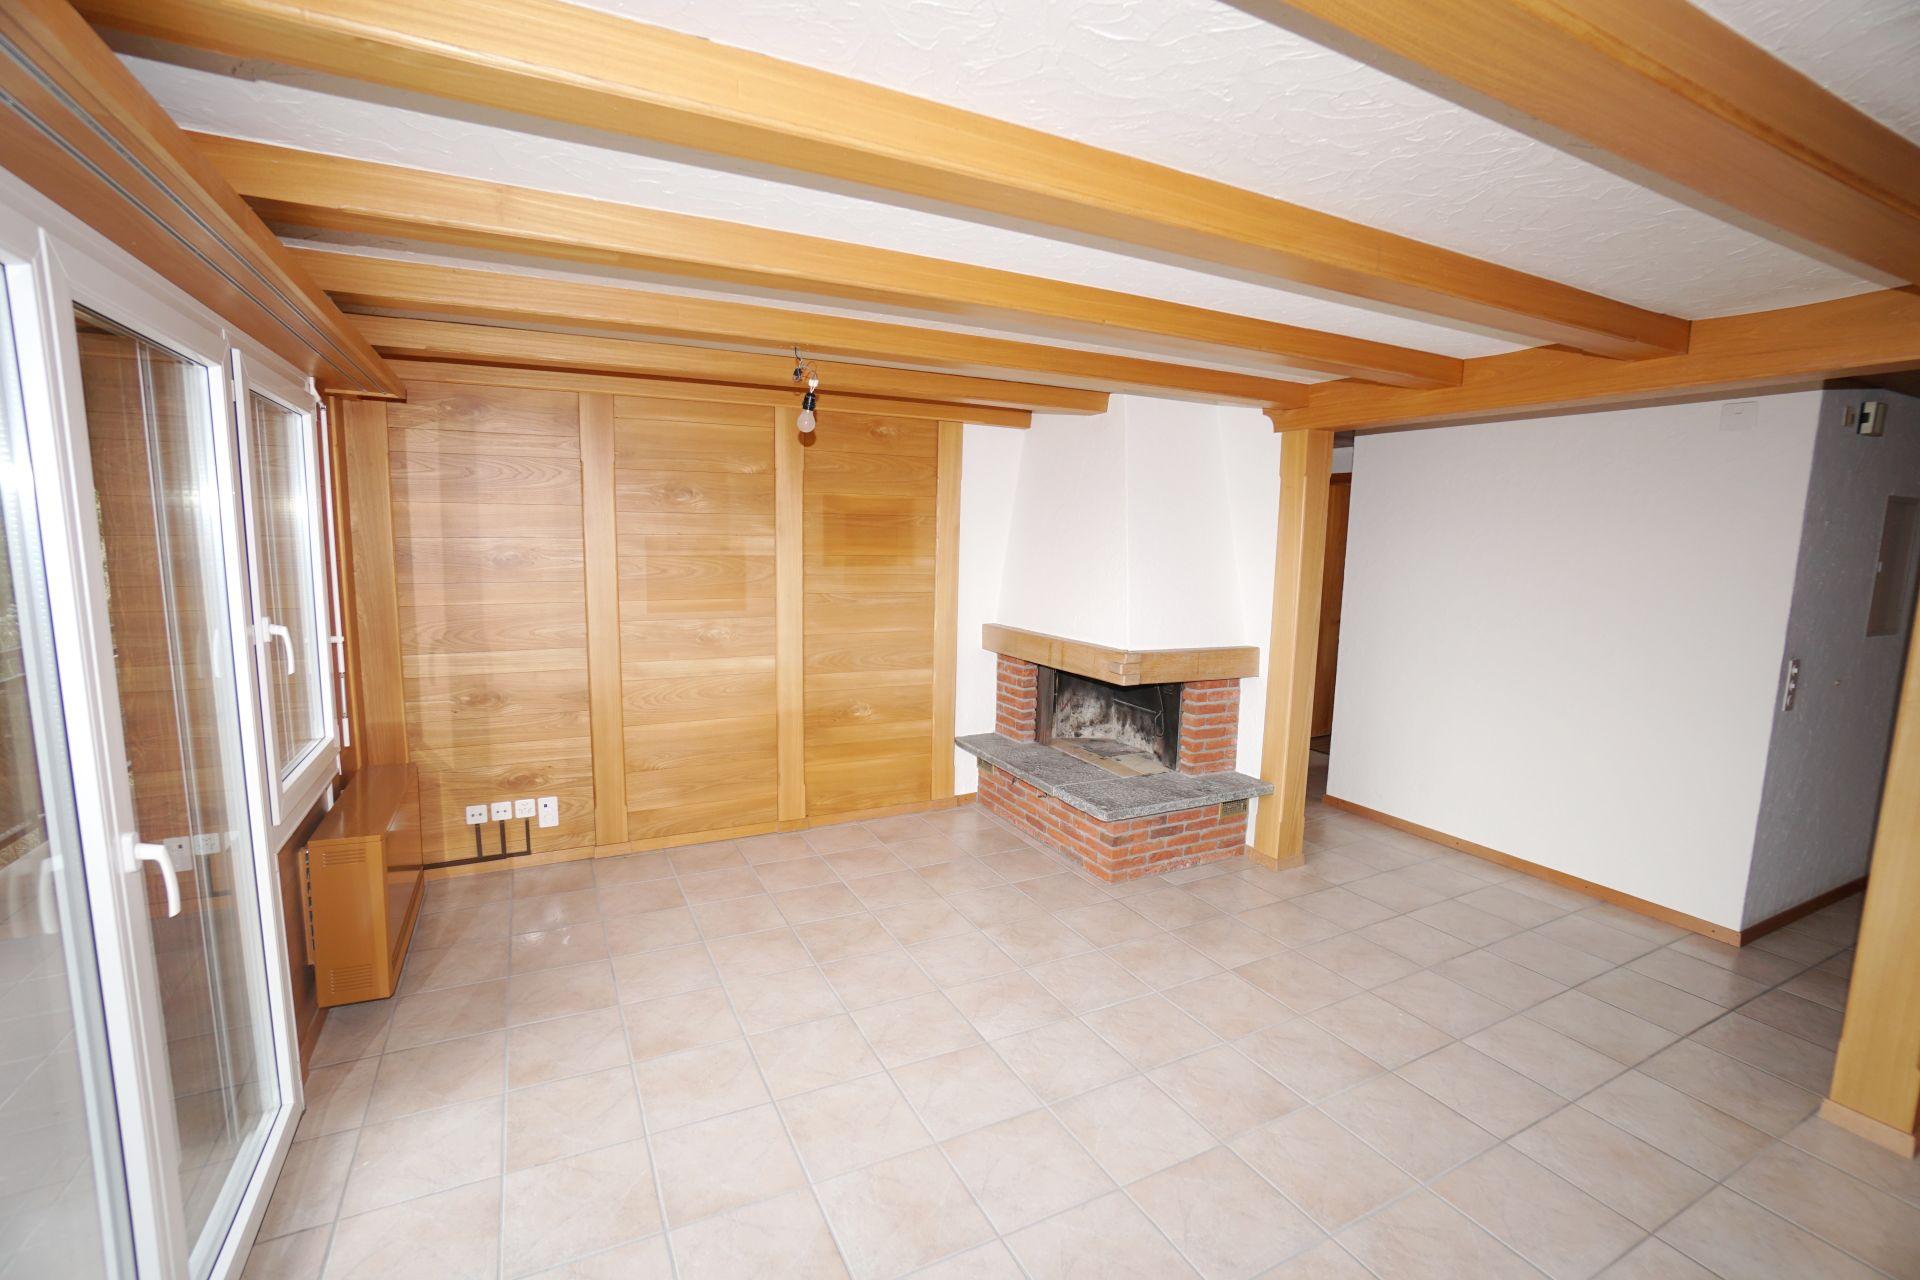 Vermietung: grosse Wohnung mit Cheminée